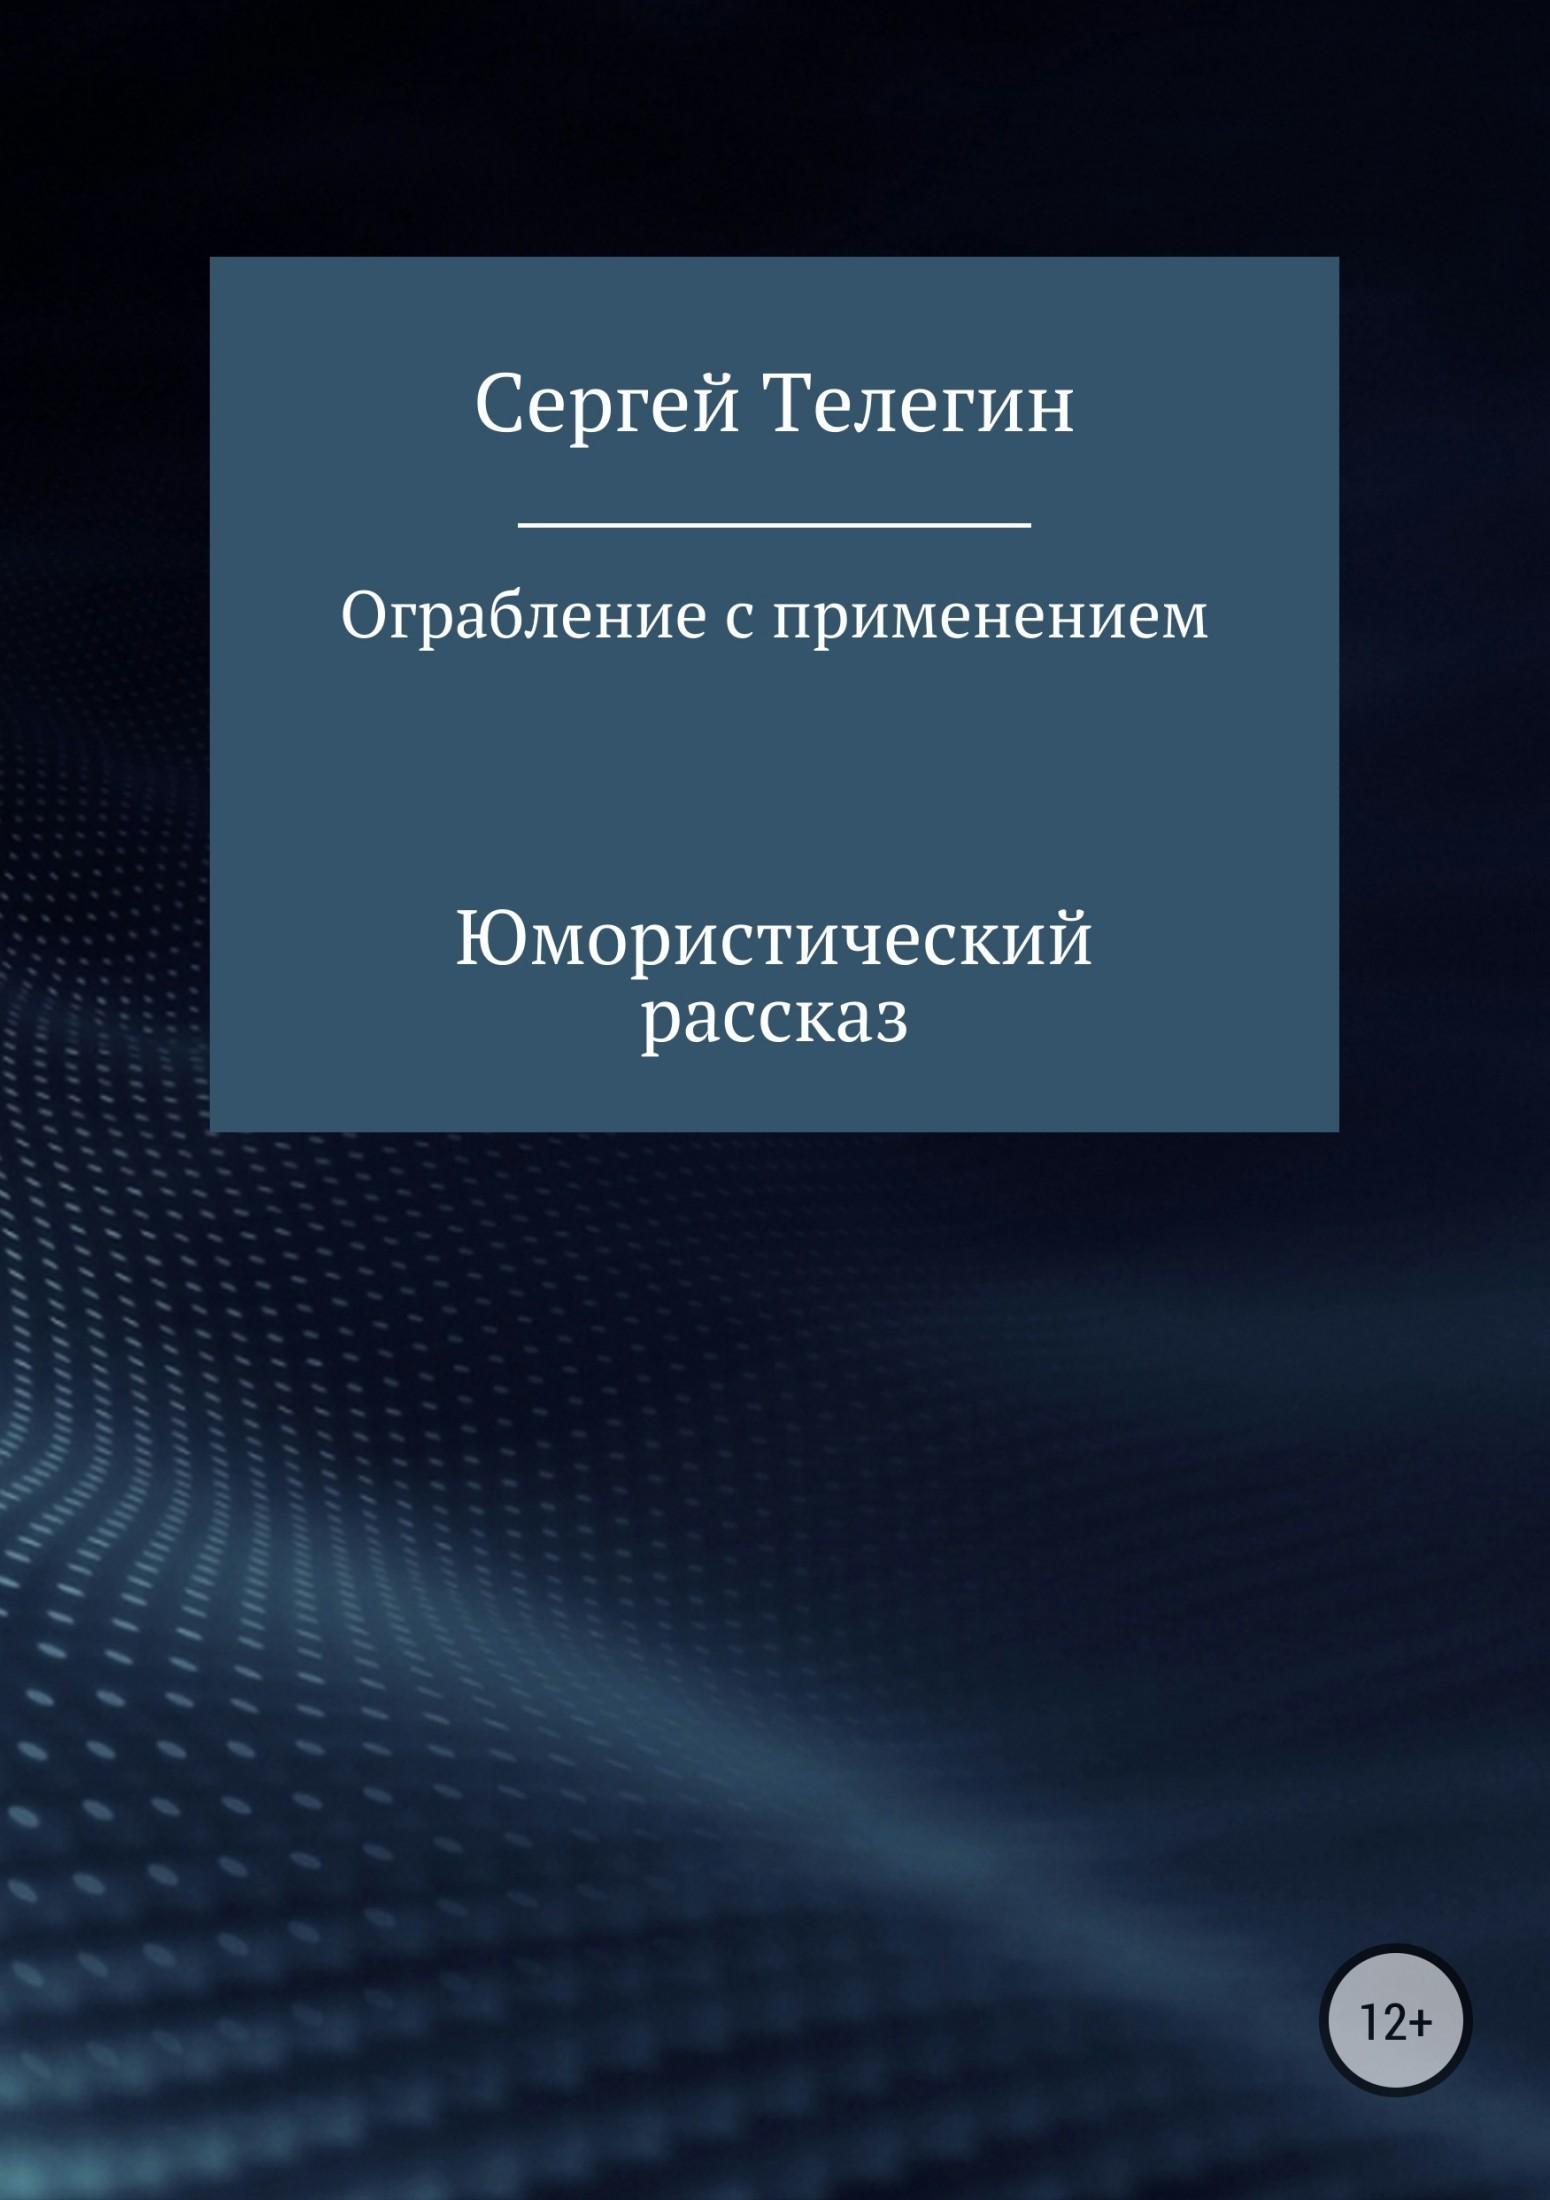 Сергей Телегин. Ограбление с применением